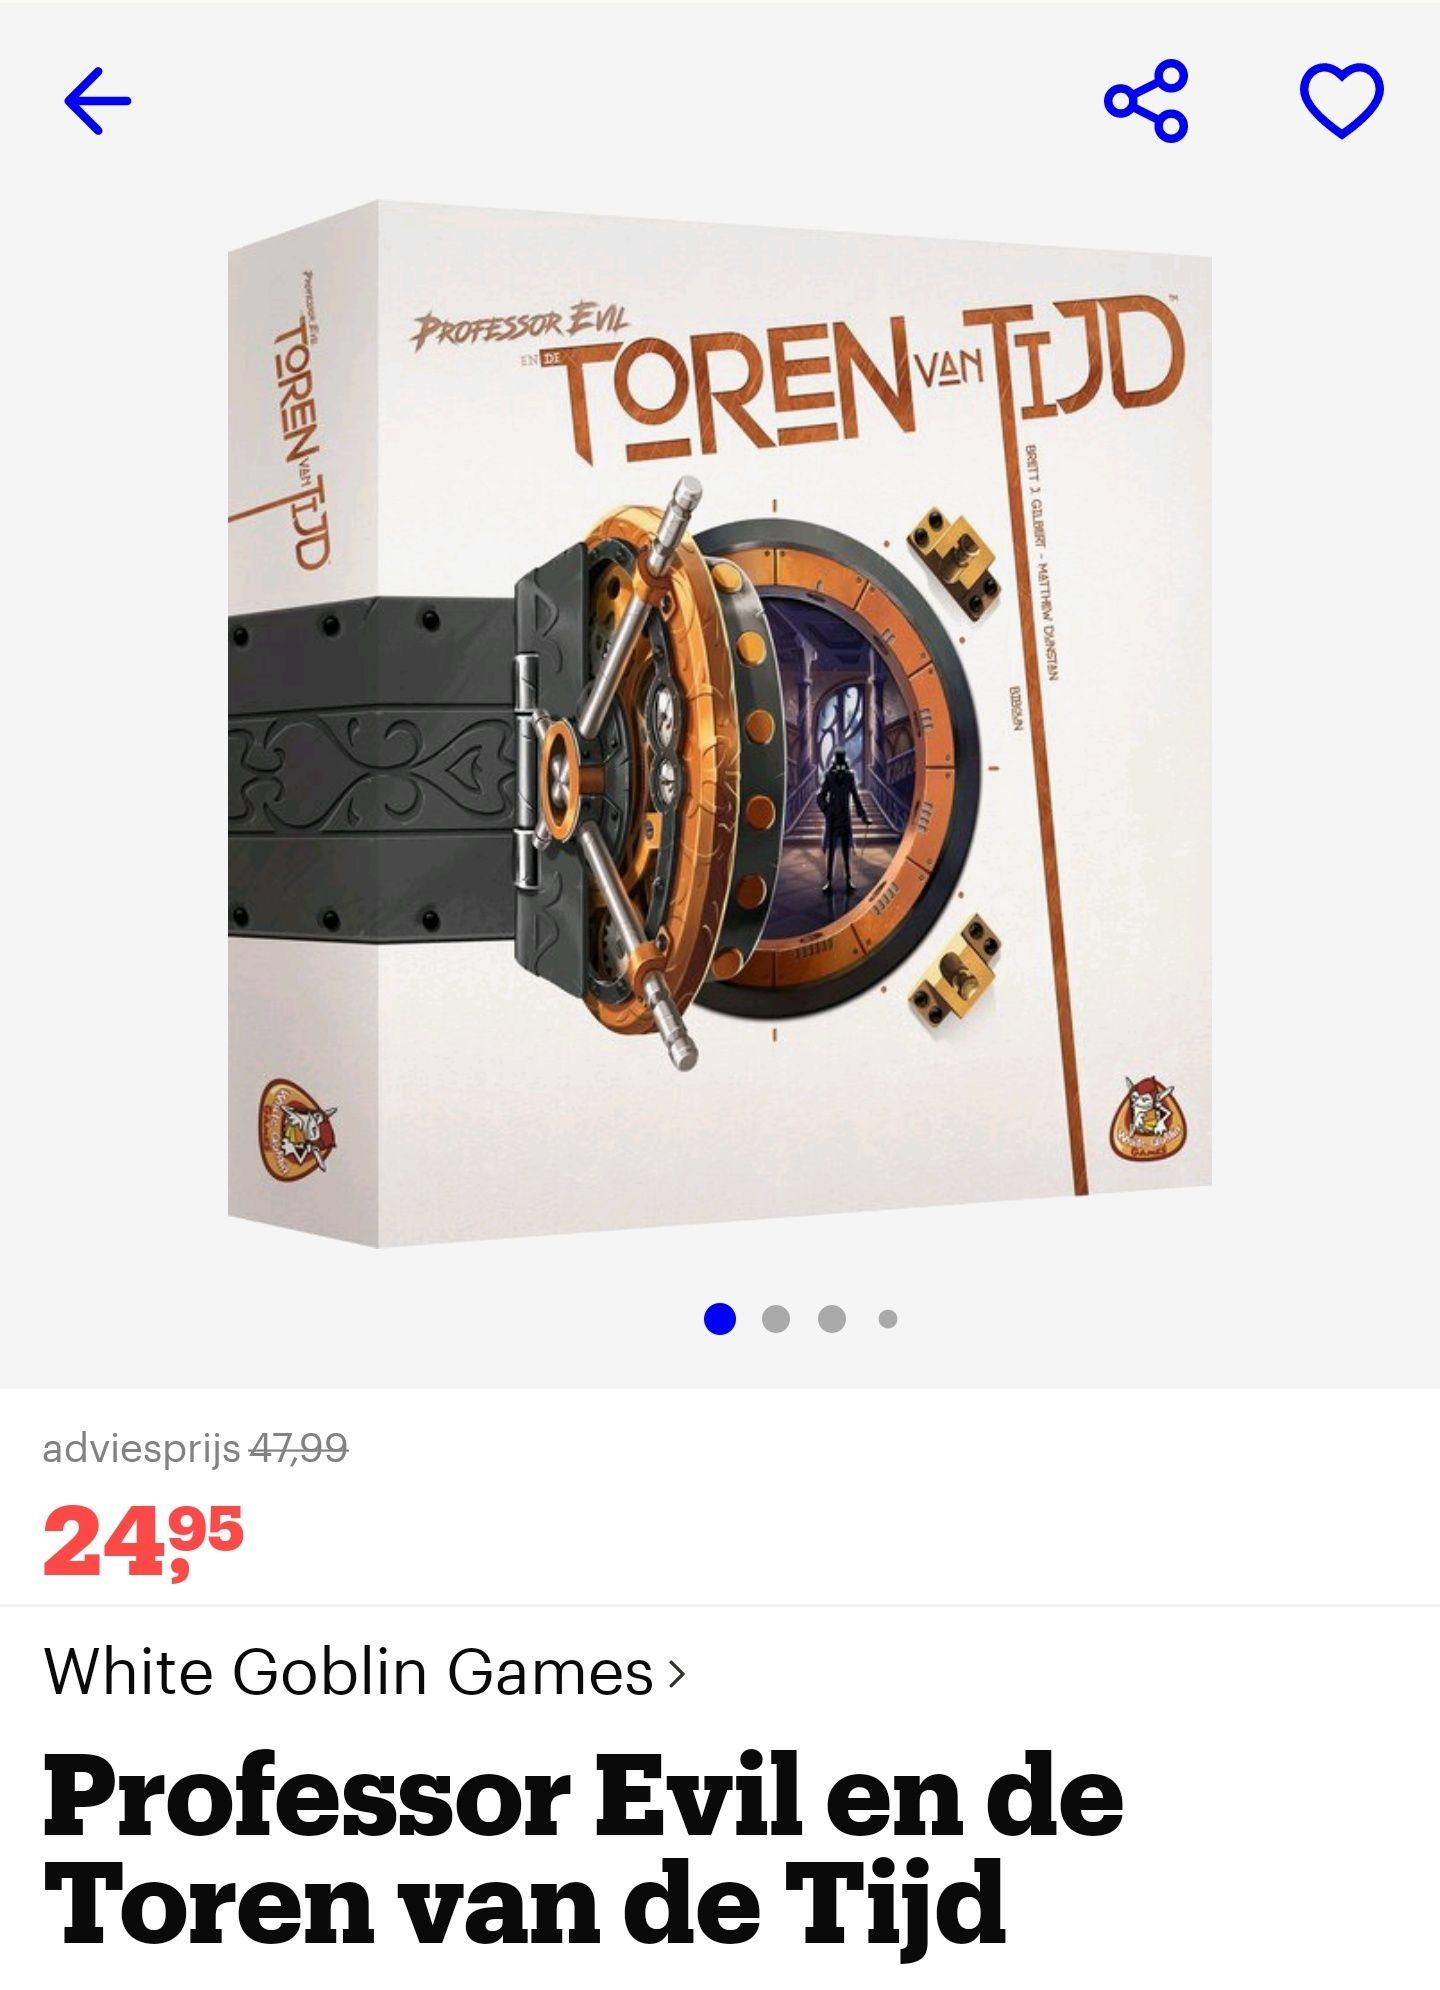 Professor Evil en de toren van de tijd (White Goblin Games)